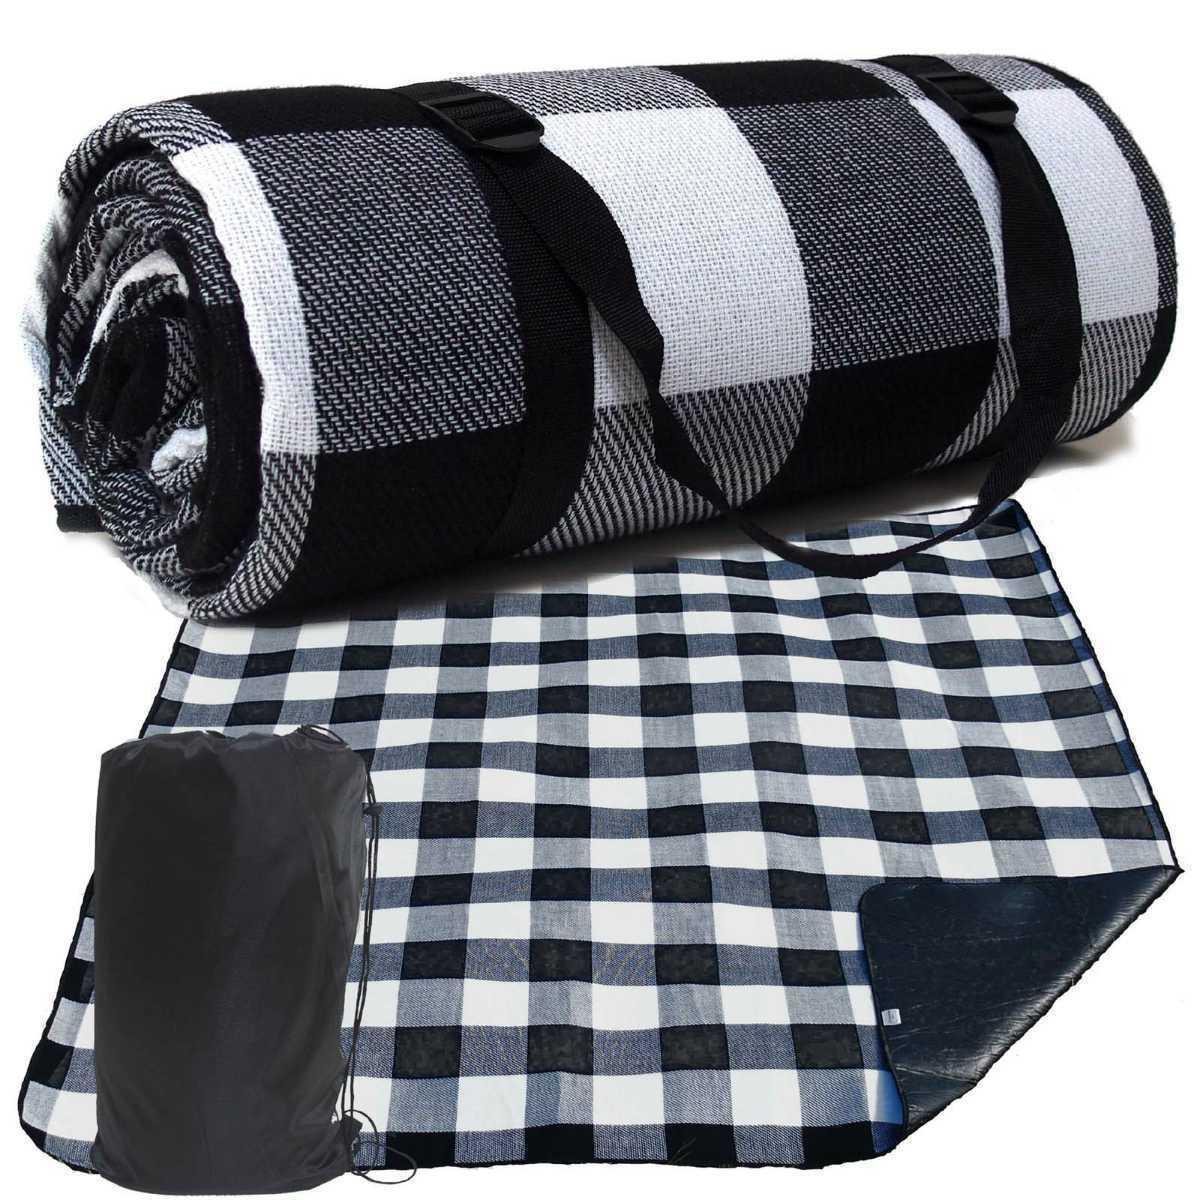 レジャーシート 厚手 ブラック×ホワイト黒白 200×200cm 収納袋付き